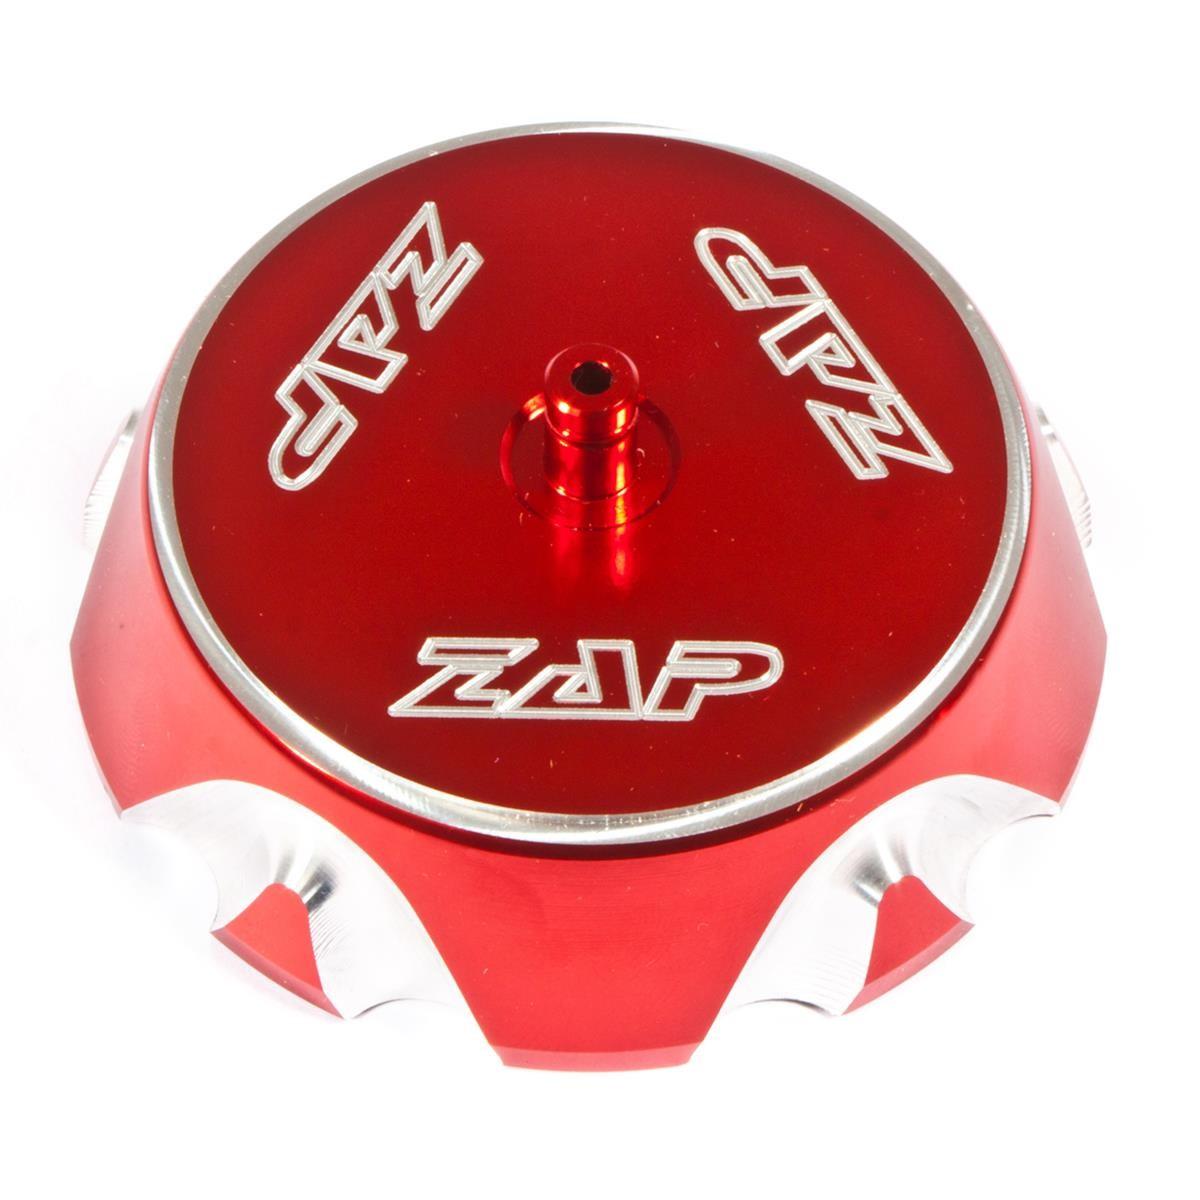 ZAP Fuel Tank Cap Aluminium, Red, Honda, Kawasaki, Yamaha - several models